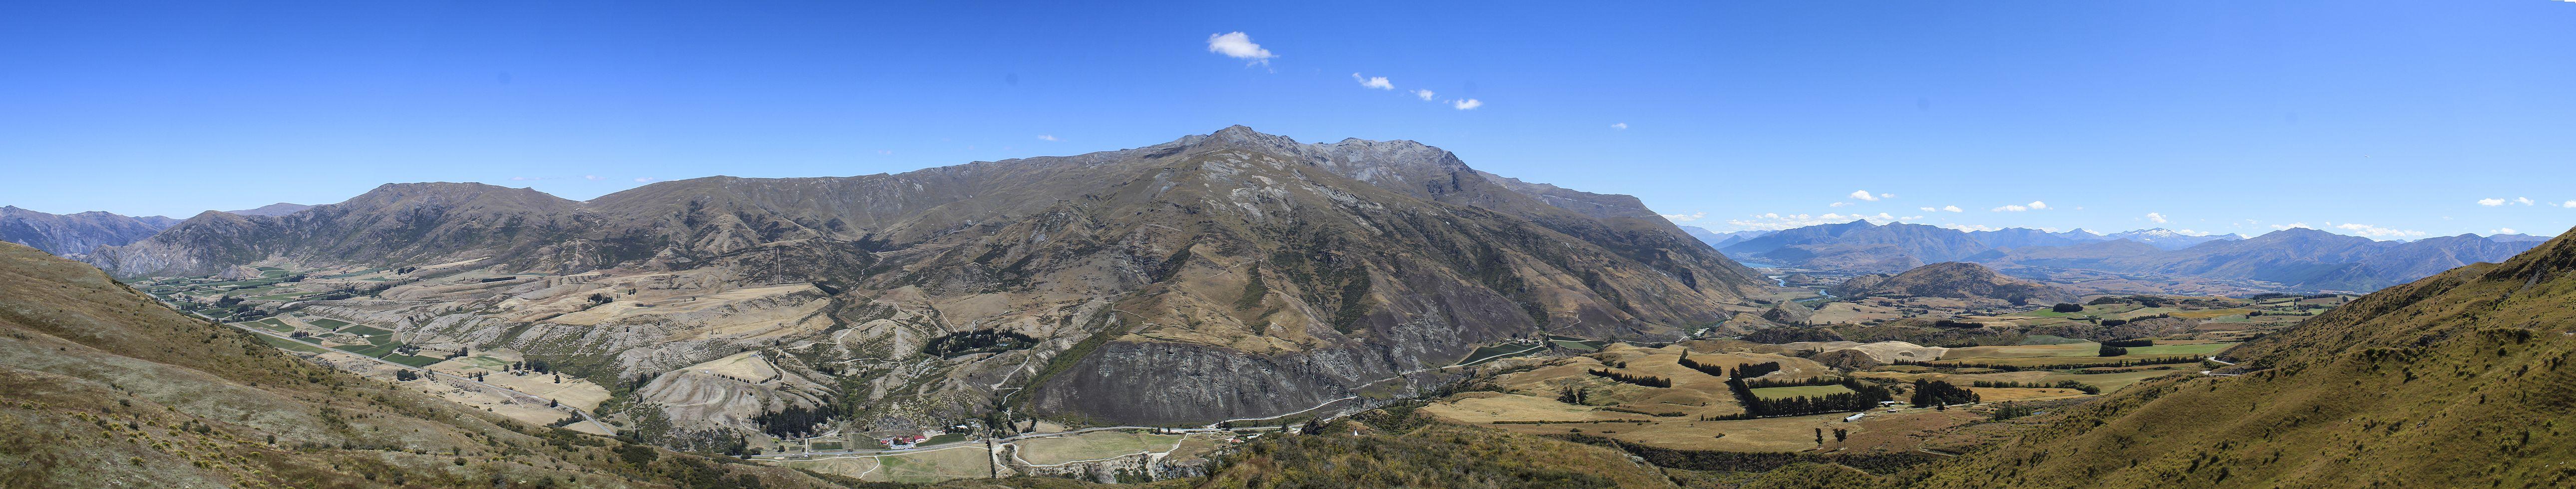 Gibston Valley near Queenstown New Zealand